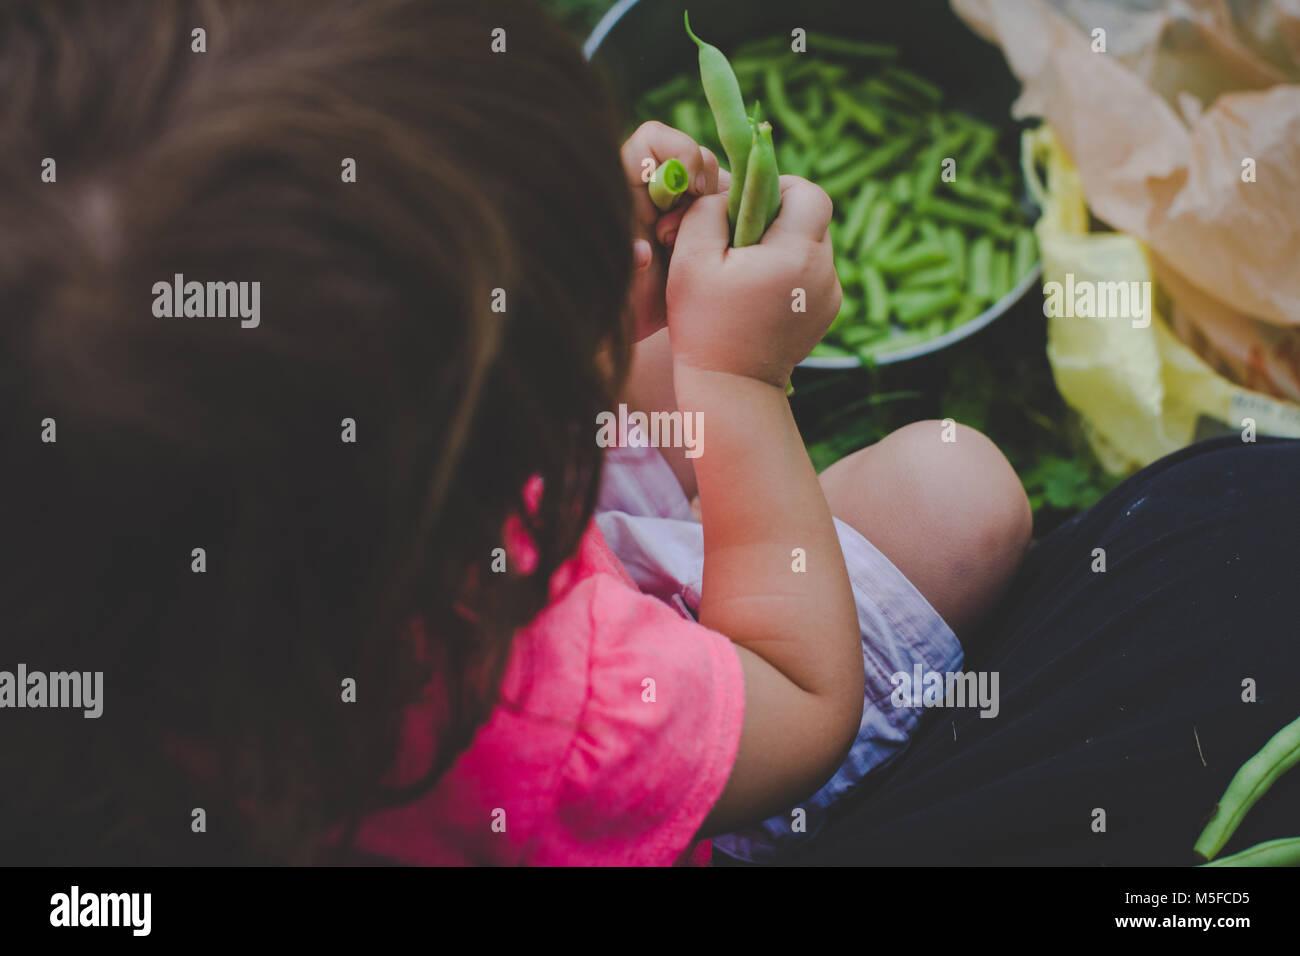 Une jeune fille s'enclenche haricots verts frais dans un pot. Photo Stock